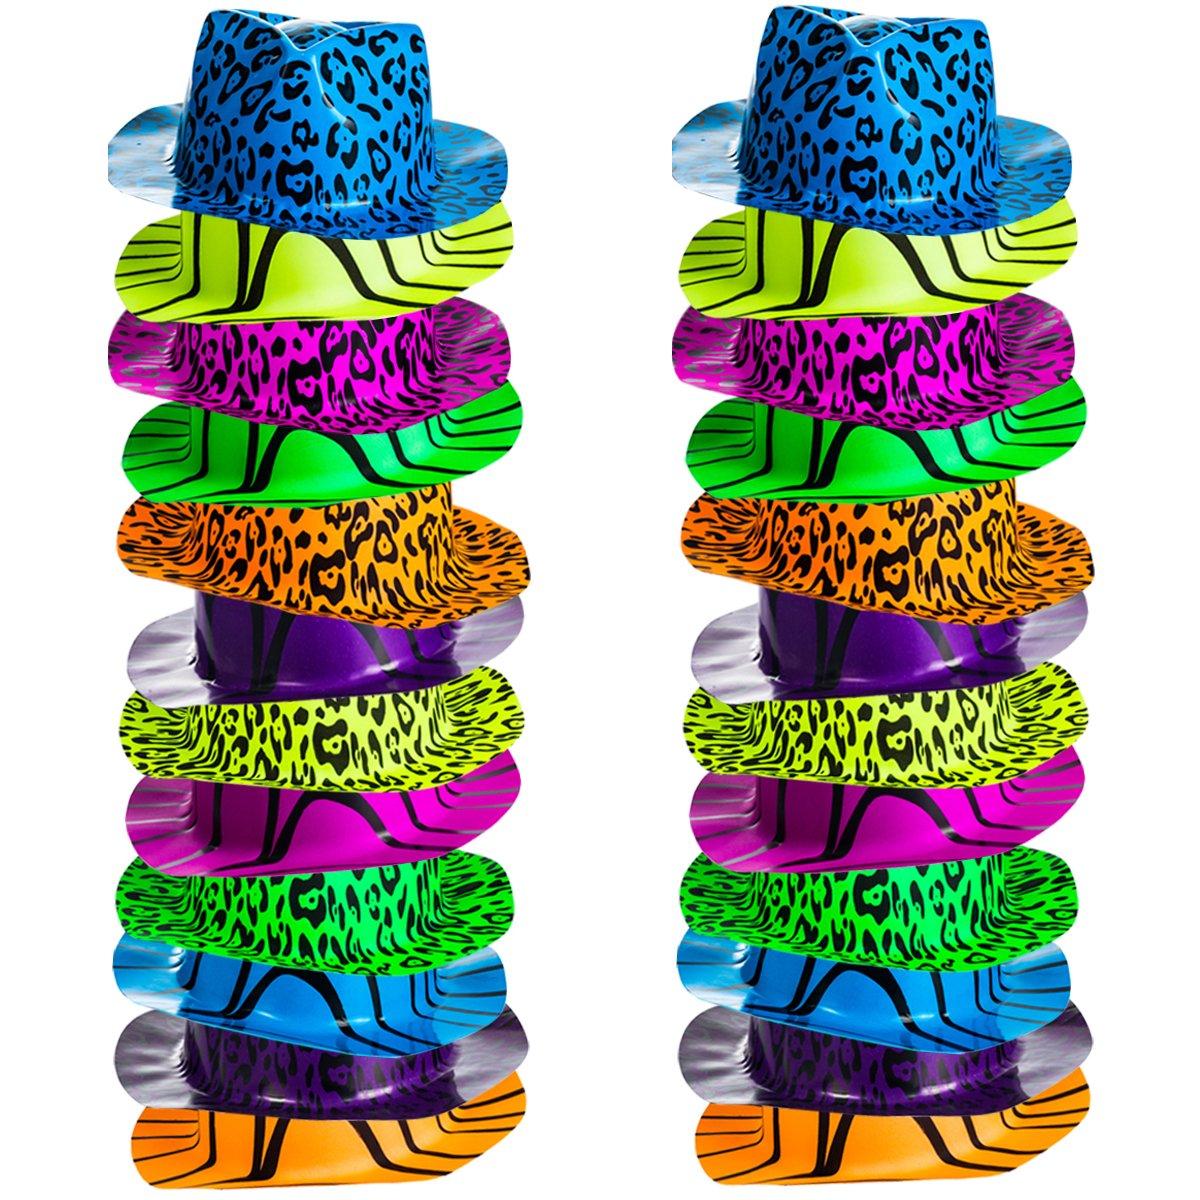 Mardi Gras party favor hats